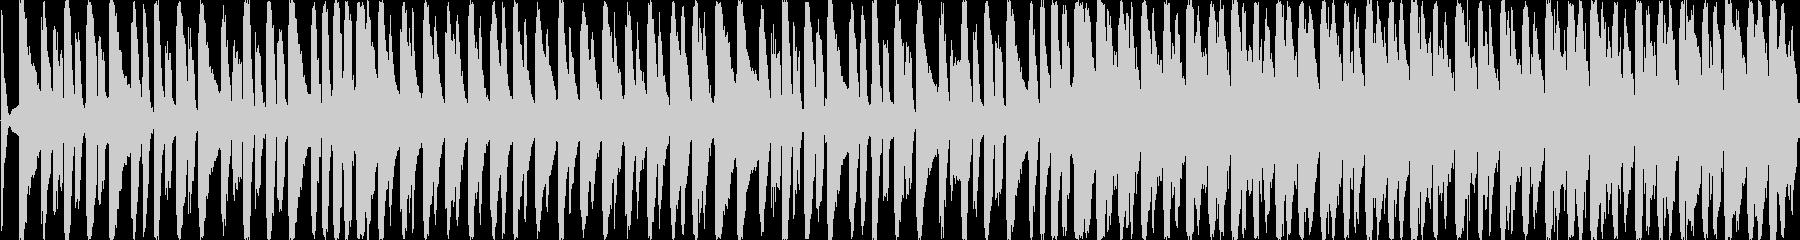 モーツァルトのテーマ。ロンド・ヴェ...の未再生の波形